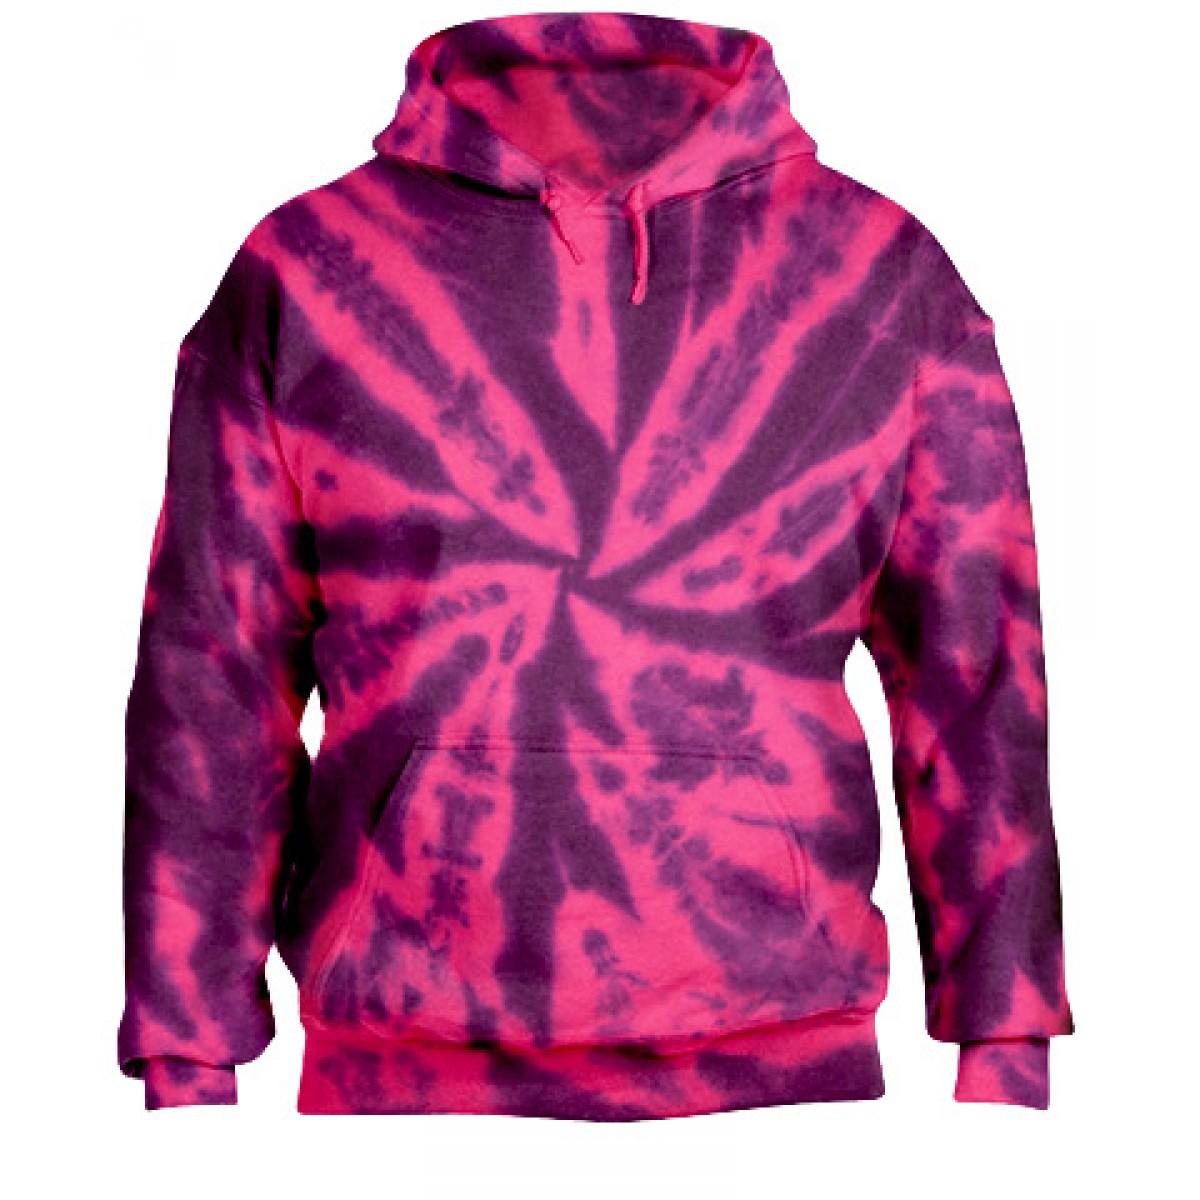 Tie-Dye Pullover Hooded Sweatshirt-Berry Purple-XL